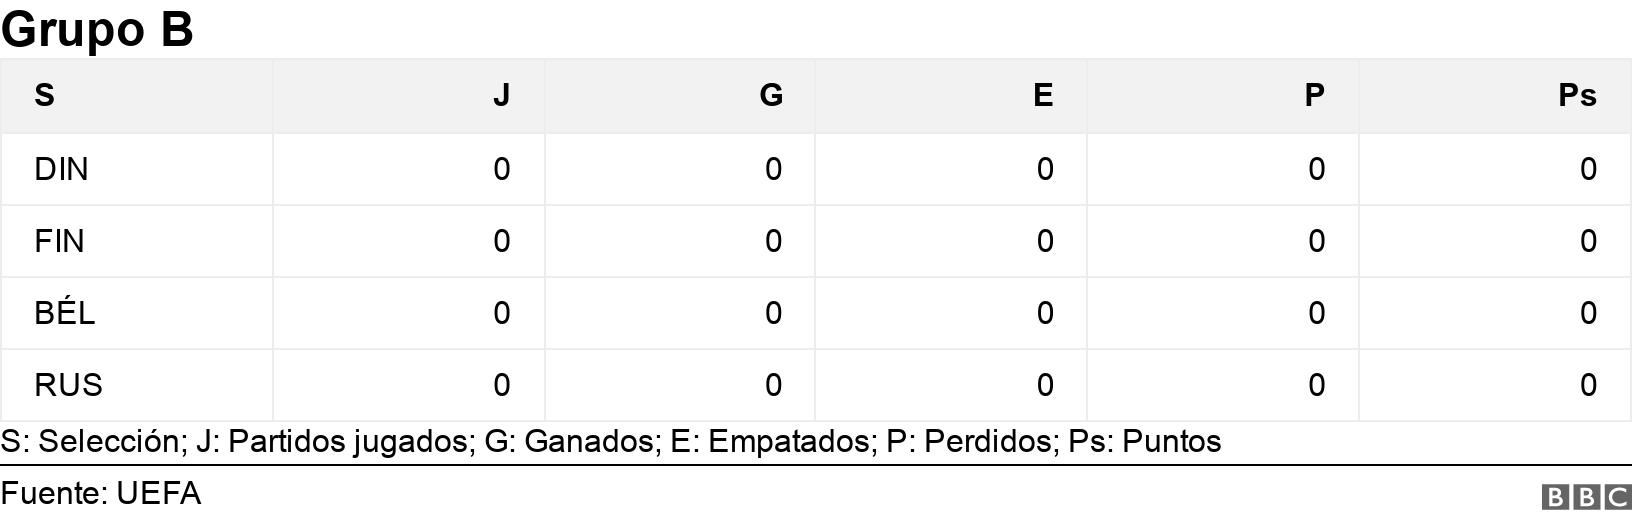 Grupo B. .  S: Selección; J: Partidos jugados; G: Ganados; E: Empatados; P: Perdidos; Ps: Puntos.